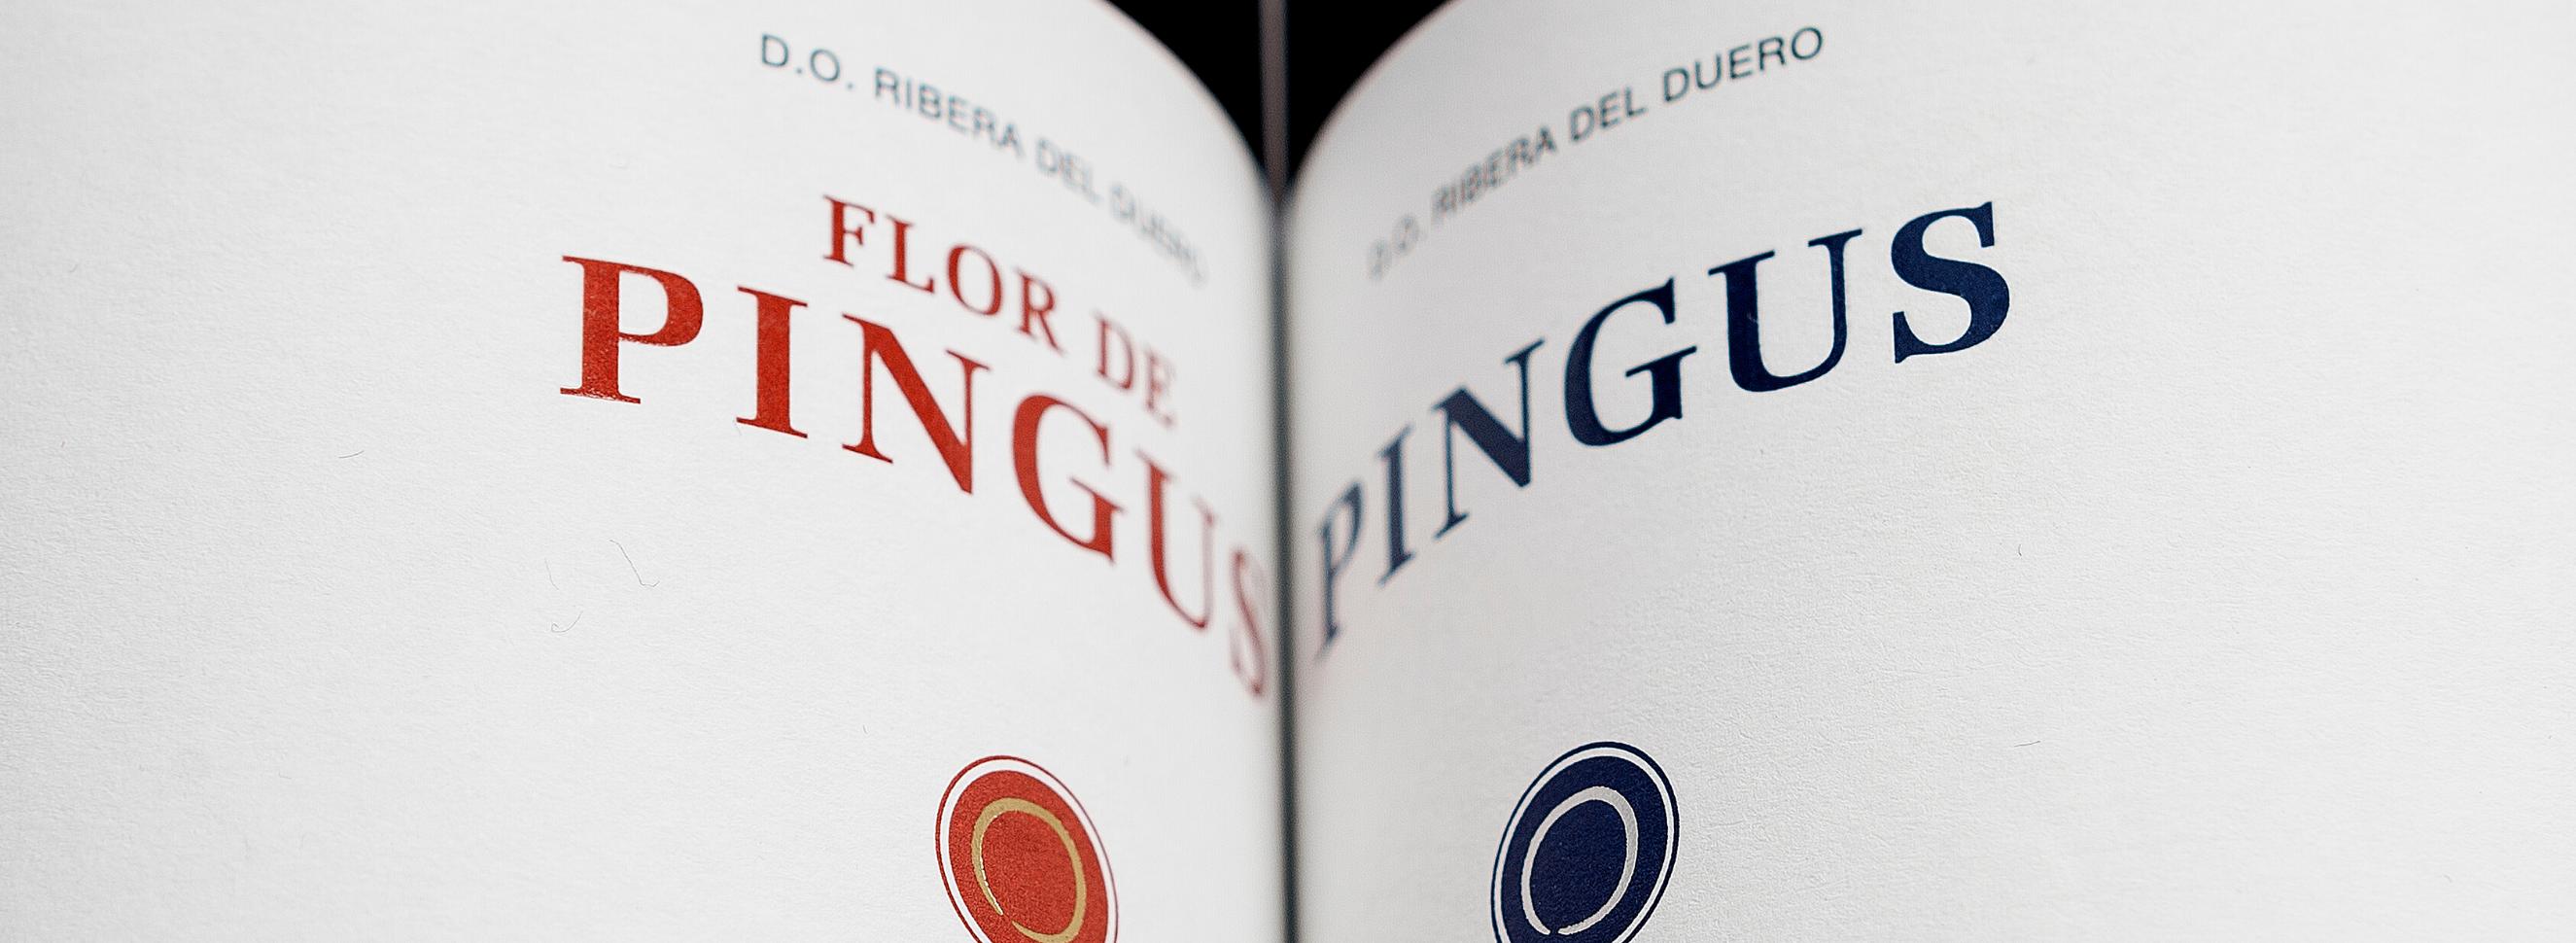 Spotlight: Dominio de Pingus